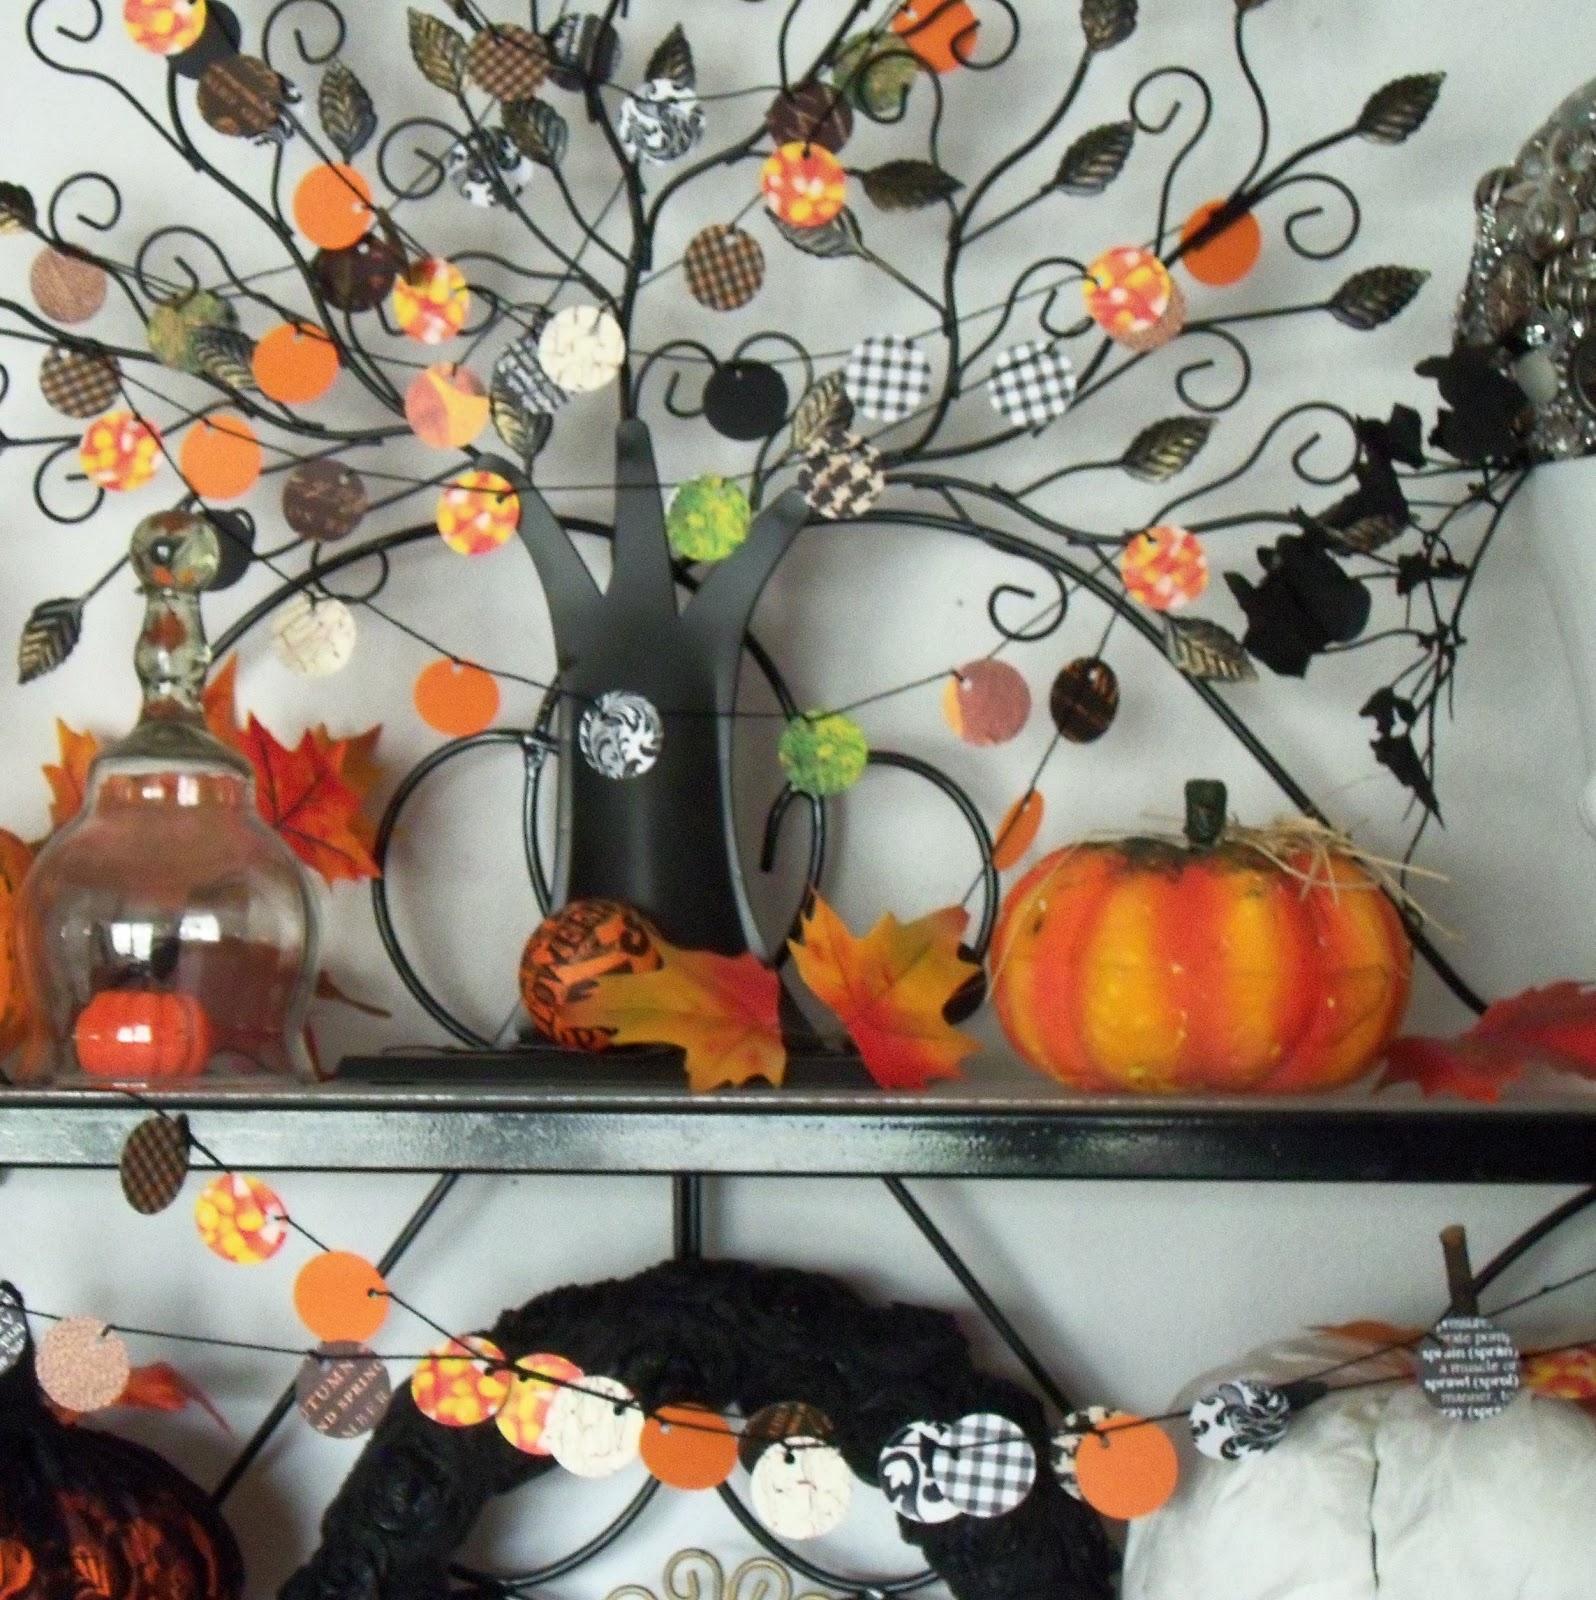 http://1.bp.blogspot.com/-o3jCJn5xJzE/UH8G05WxQKI/AAAAAAAAD9o/OuD2G5DBXaQ/s1600/halloween+garlands+baker\'s+rack+008.jpg